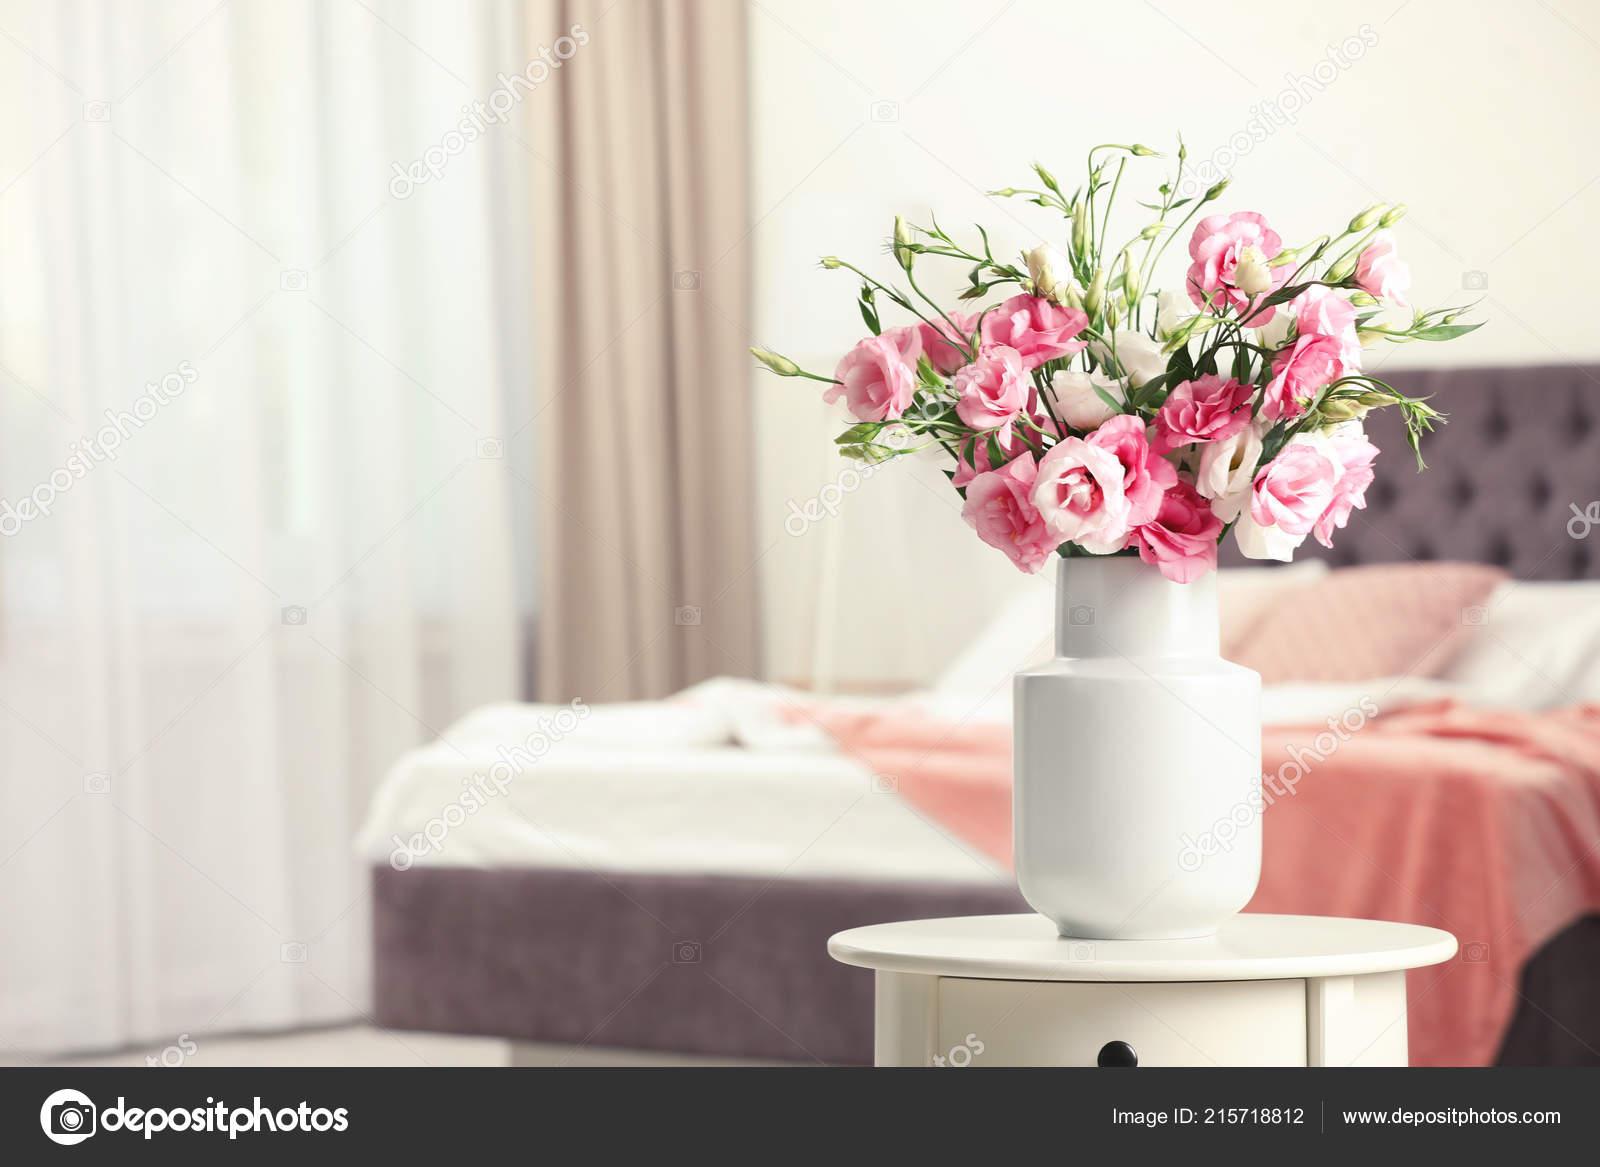 Vase Mit Blumen Auf Tisch Schlafzimmer Raum Fur Text Stockfoto